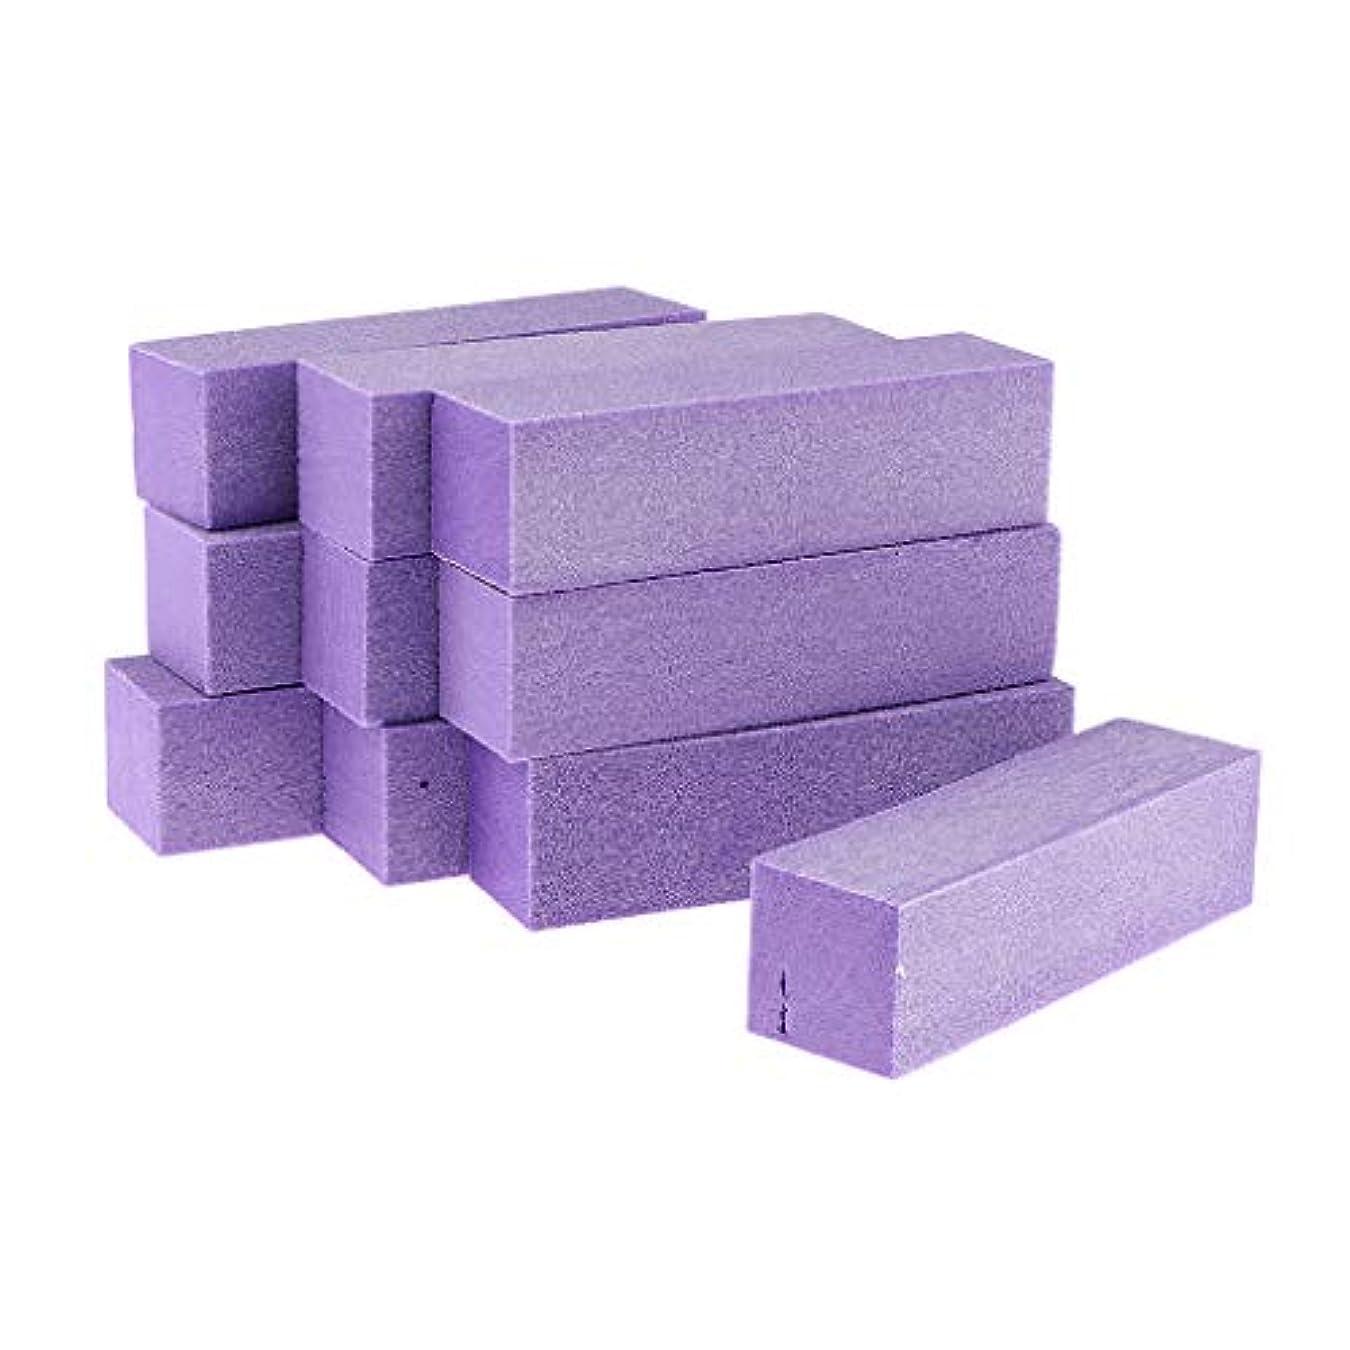 具体的に殉教者株式会社Injoyo ネイルアート マニキュア ネイルファイル バッファファイルブロック 爪やすり 爪磨き 全5色 - 紫